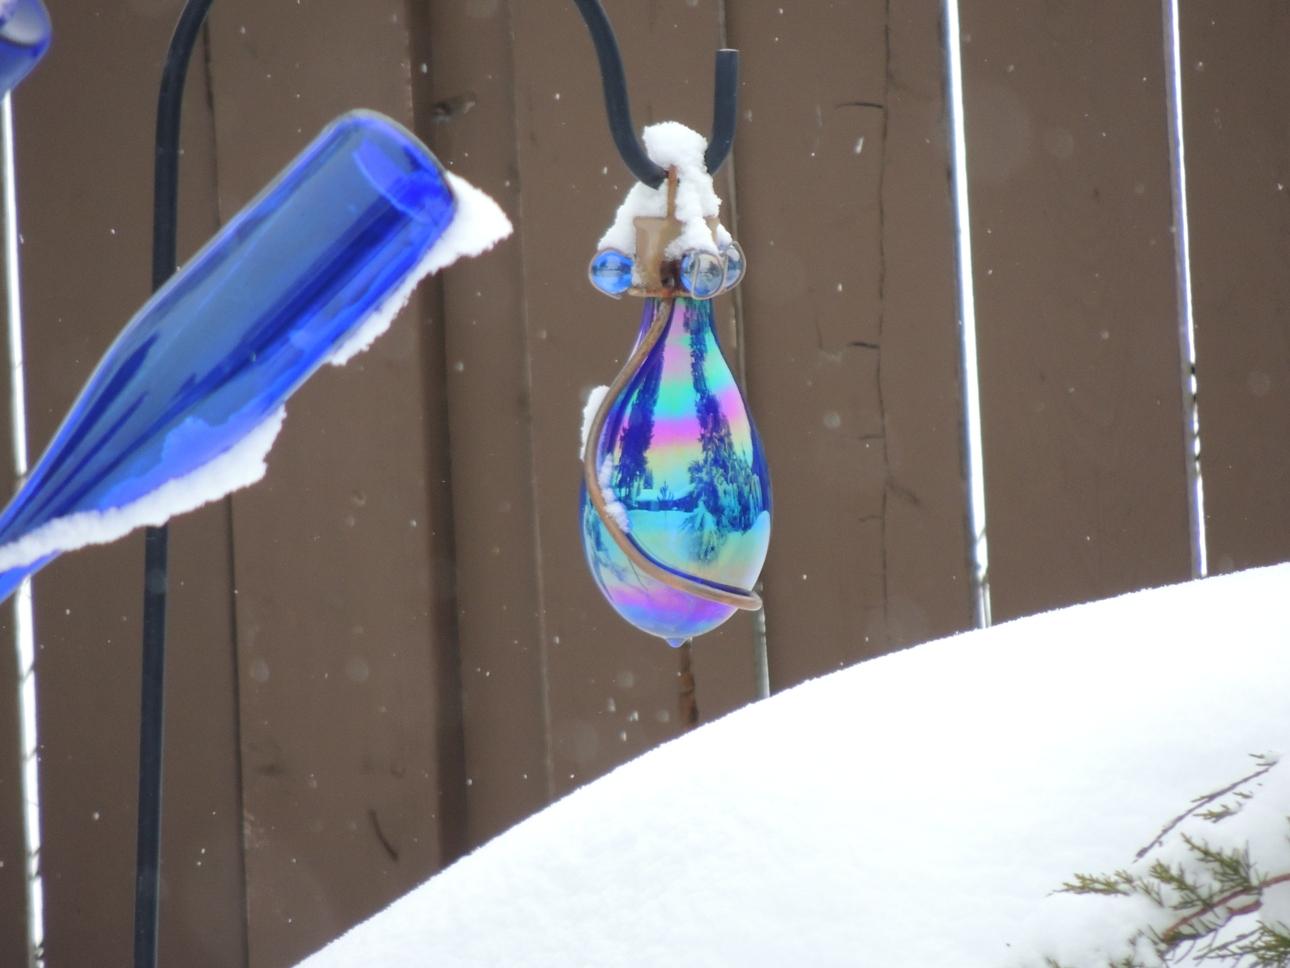 dscn1565-snowy-reflections-websized